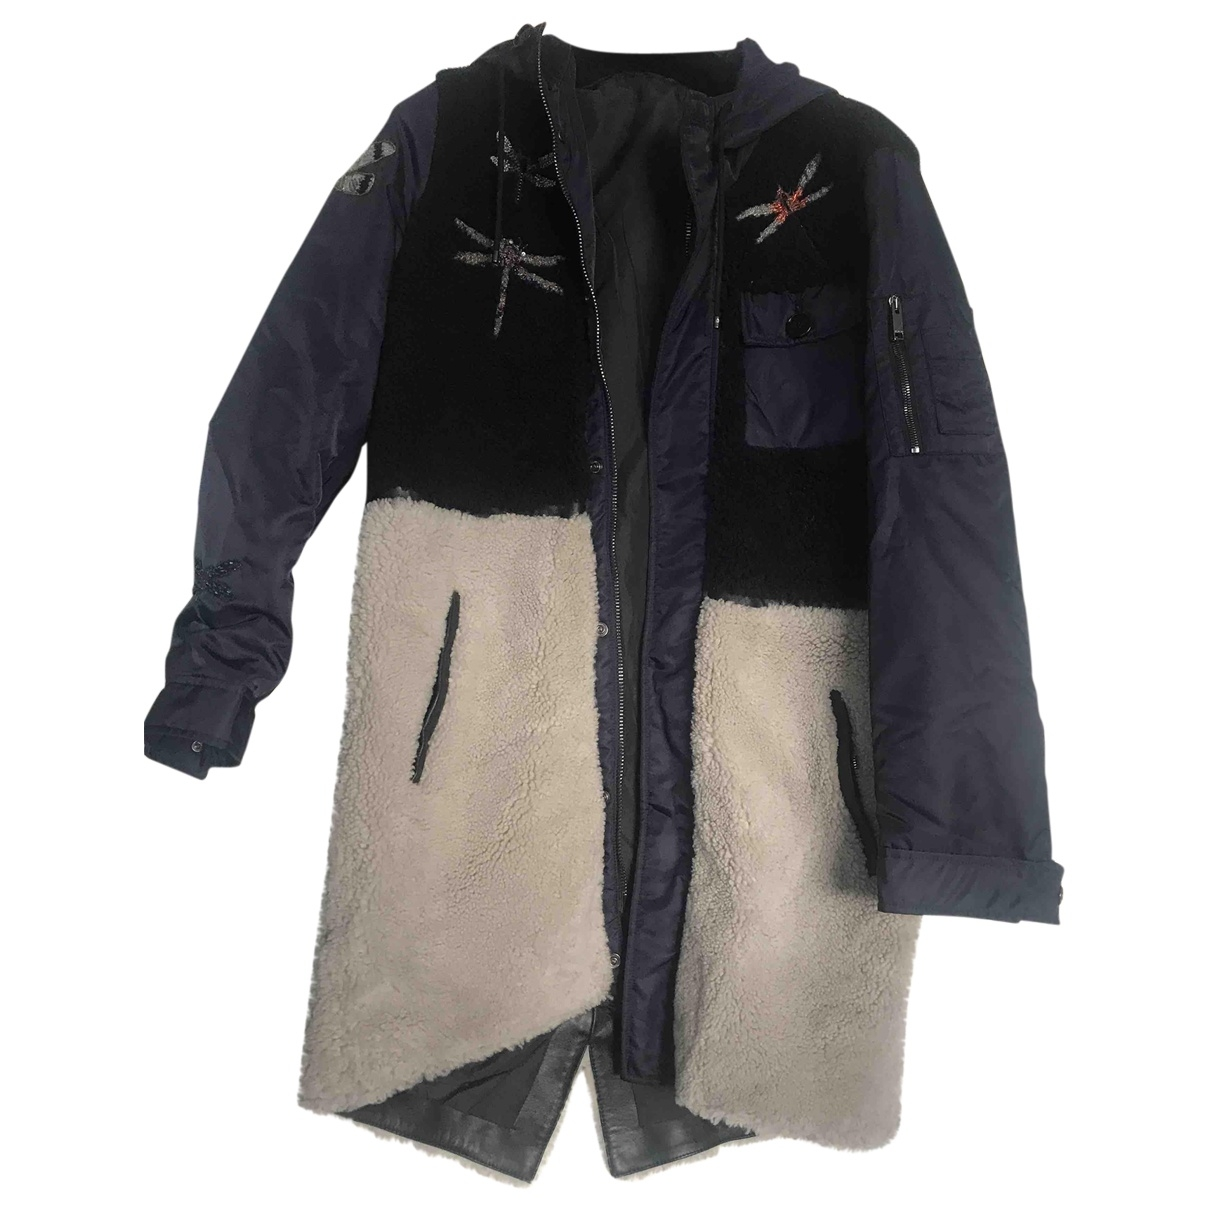 Valentino Garavani - Manteau   pour homme en fourrure - multicolore